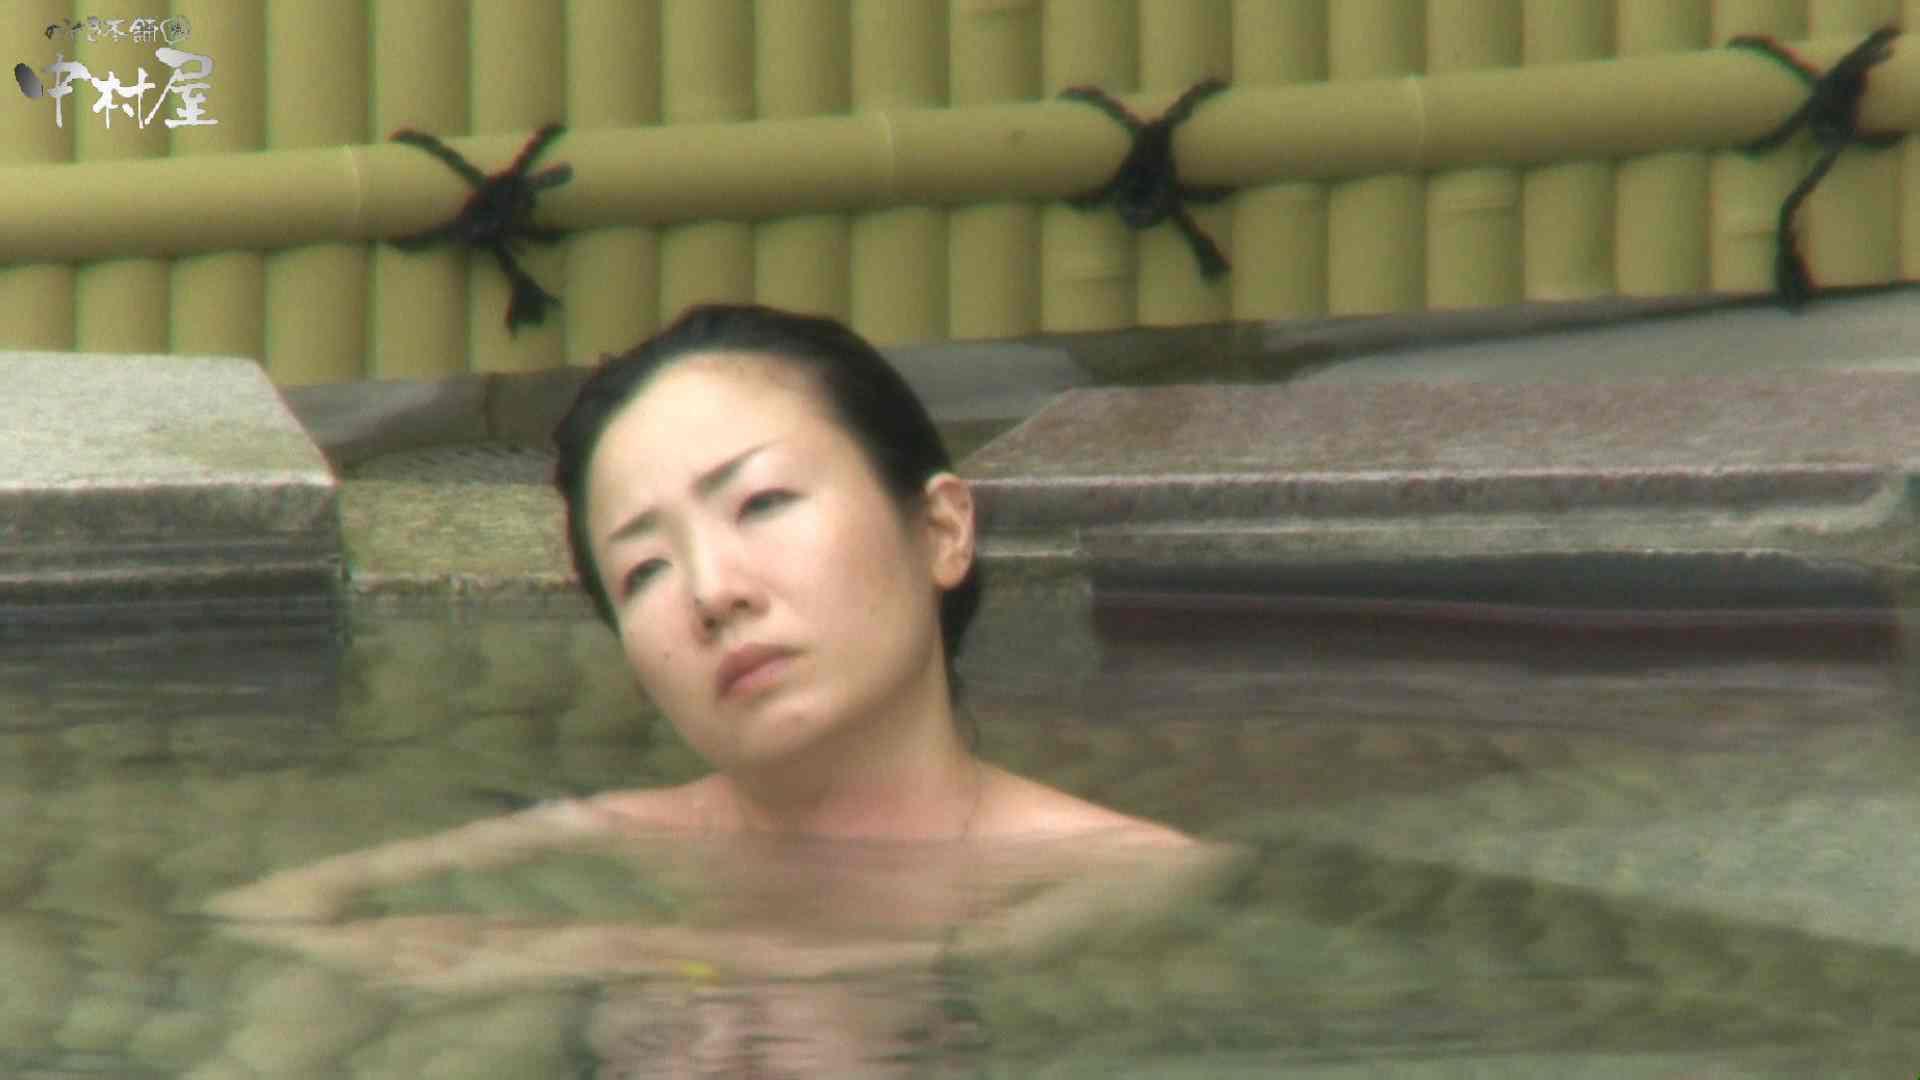 Aquaな露天風呂Vol.950 盗撮動画 | 露天風呂  10枚 5